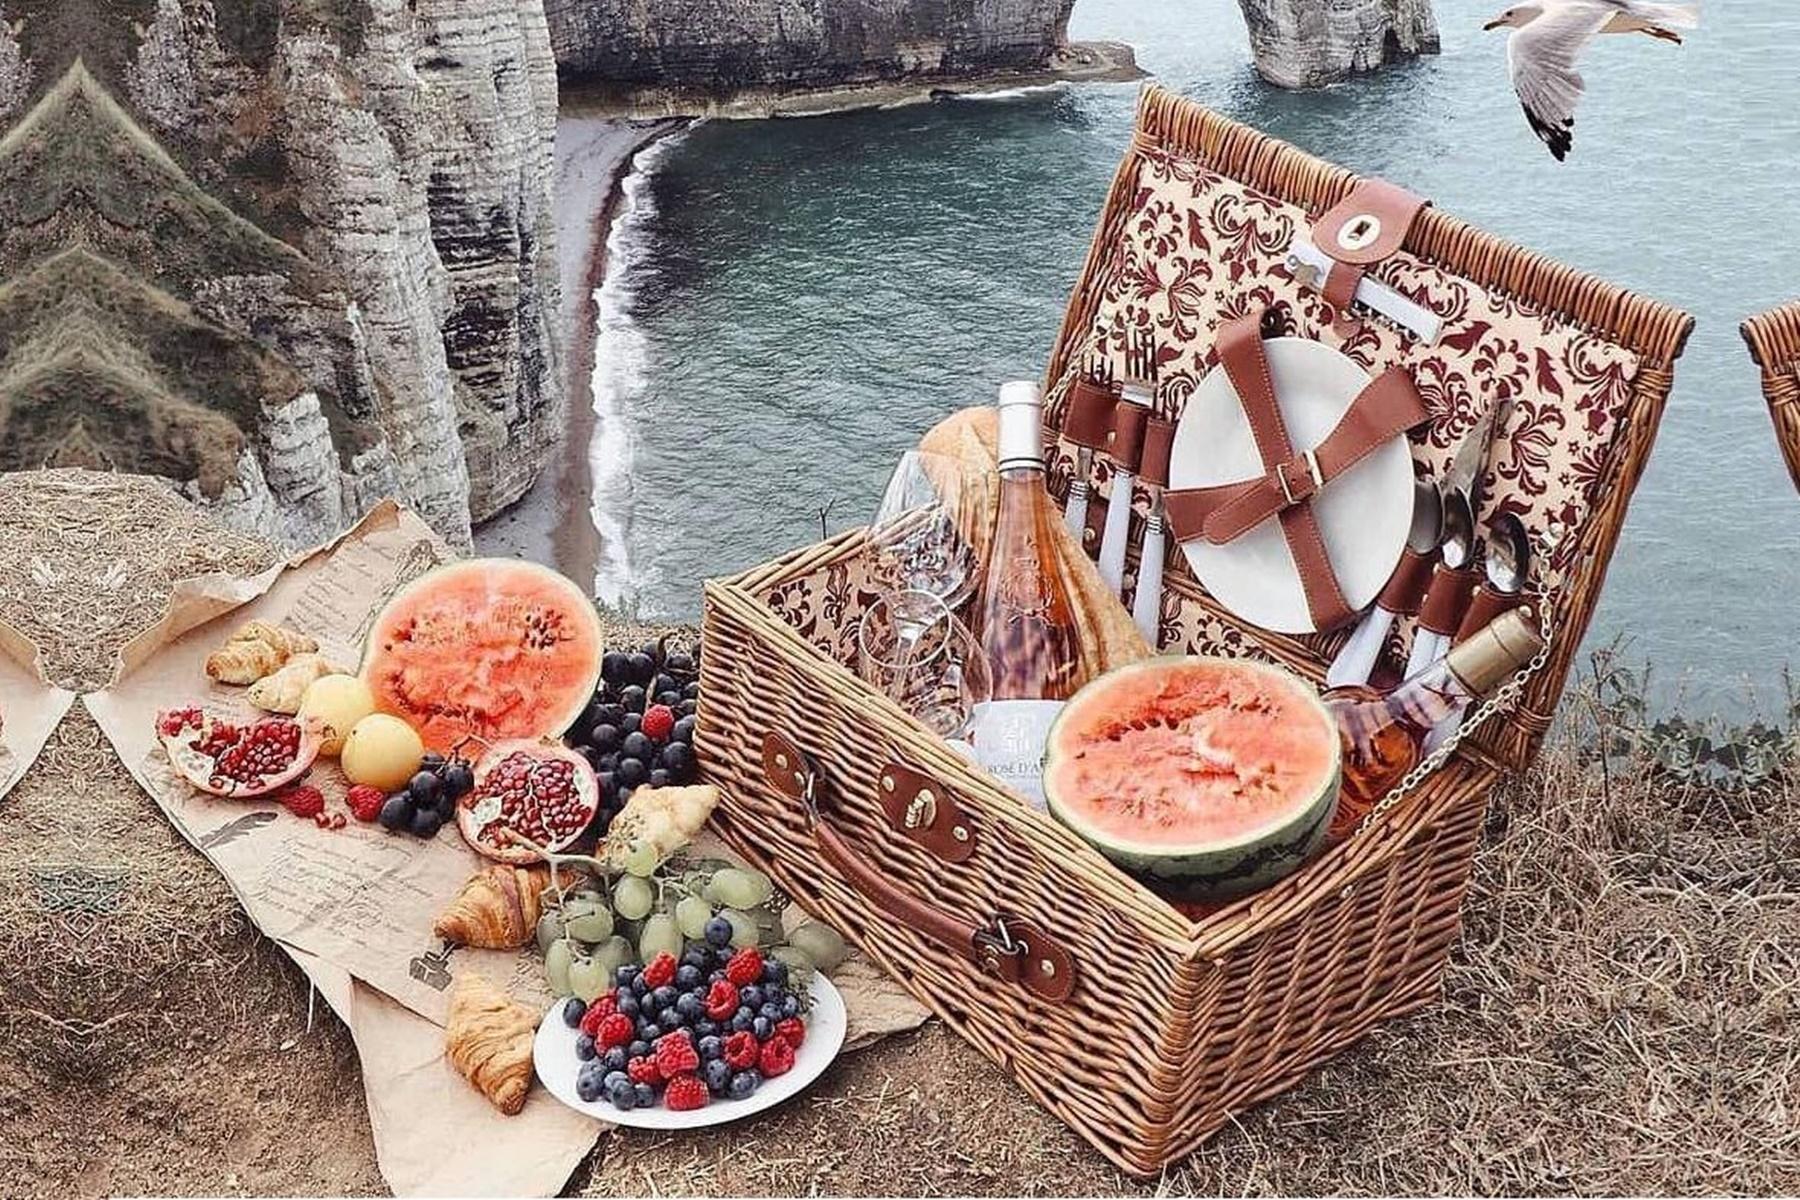 Διατροφη υγεία: Υγιεινές τροφές για την παραλία